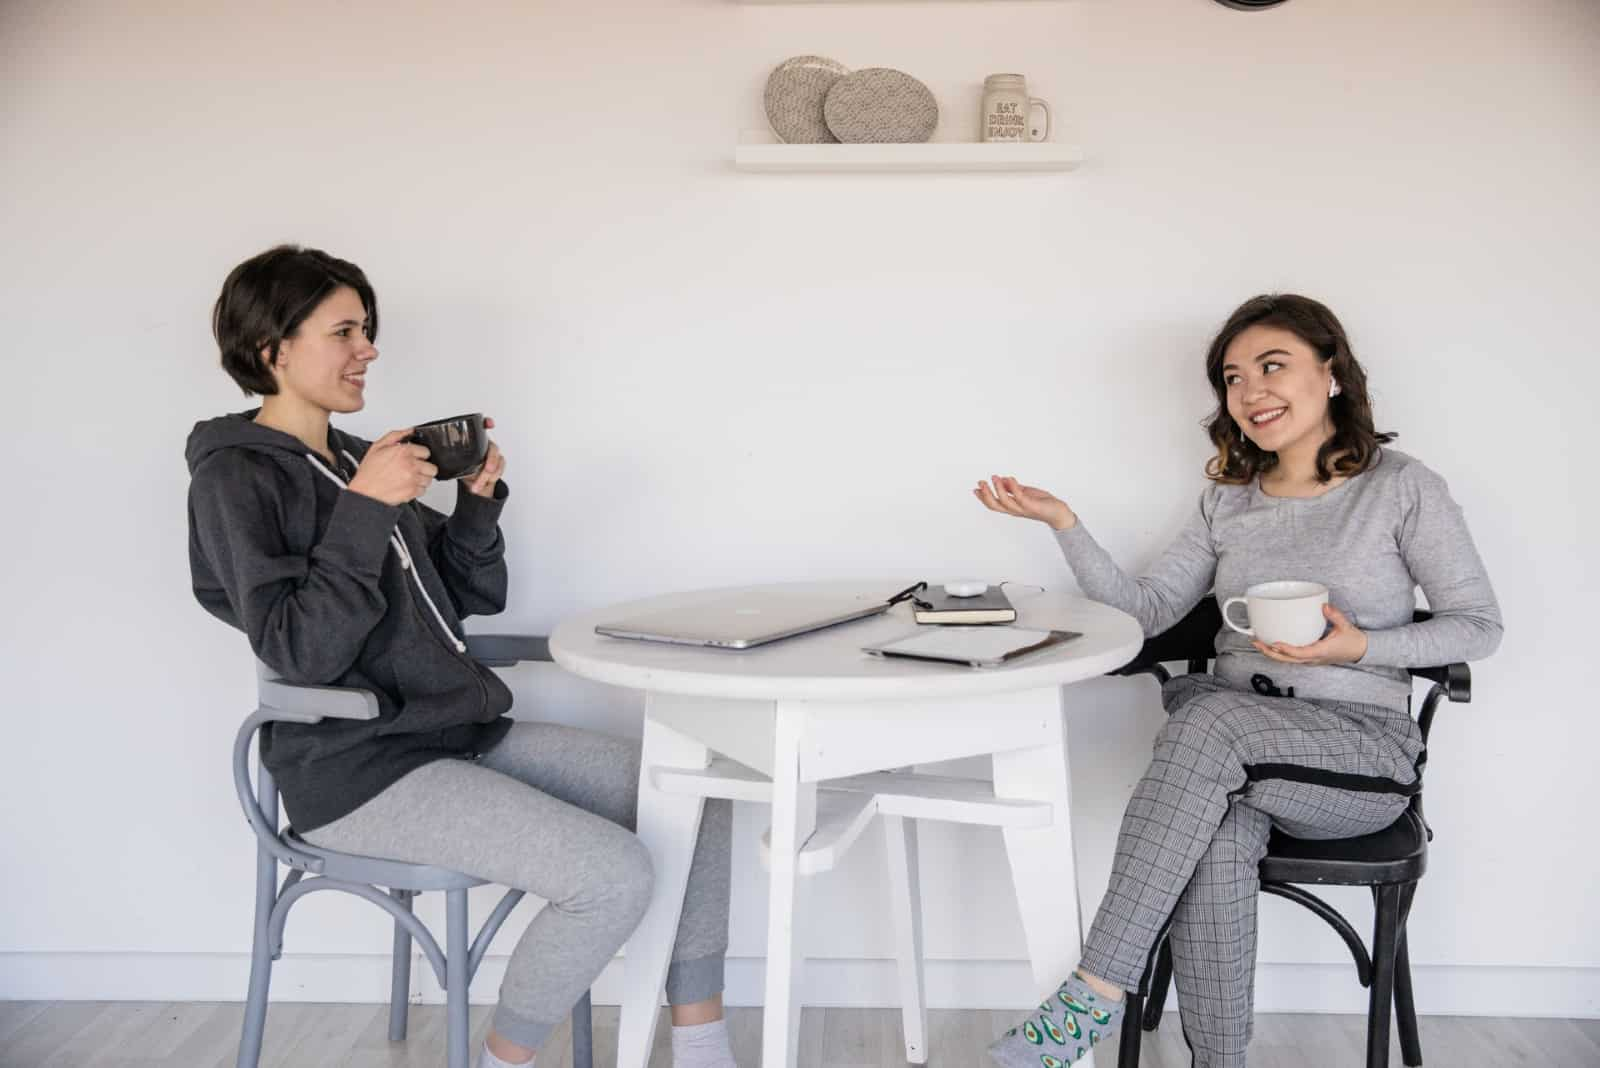 deux femmes discutant à table